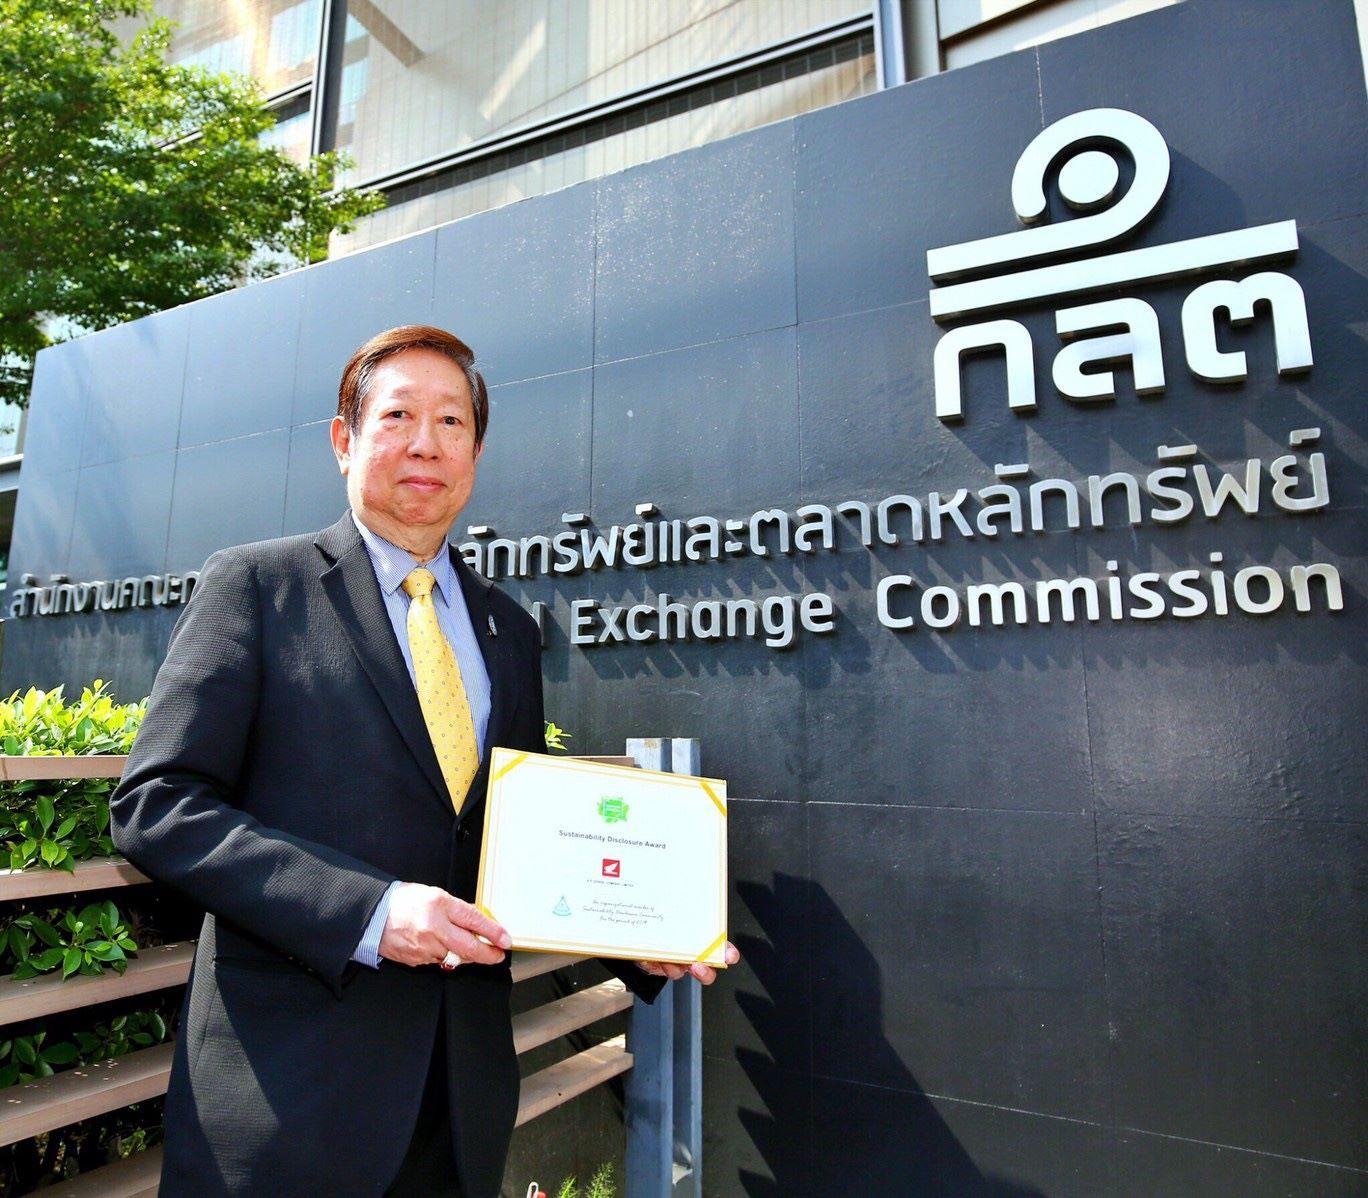 เอ.พี. ฮอนด้า คว้ารางวัลเกียรติคุณ Sustainability Disclosure Award ประจำปี 2562